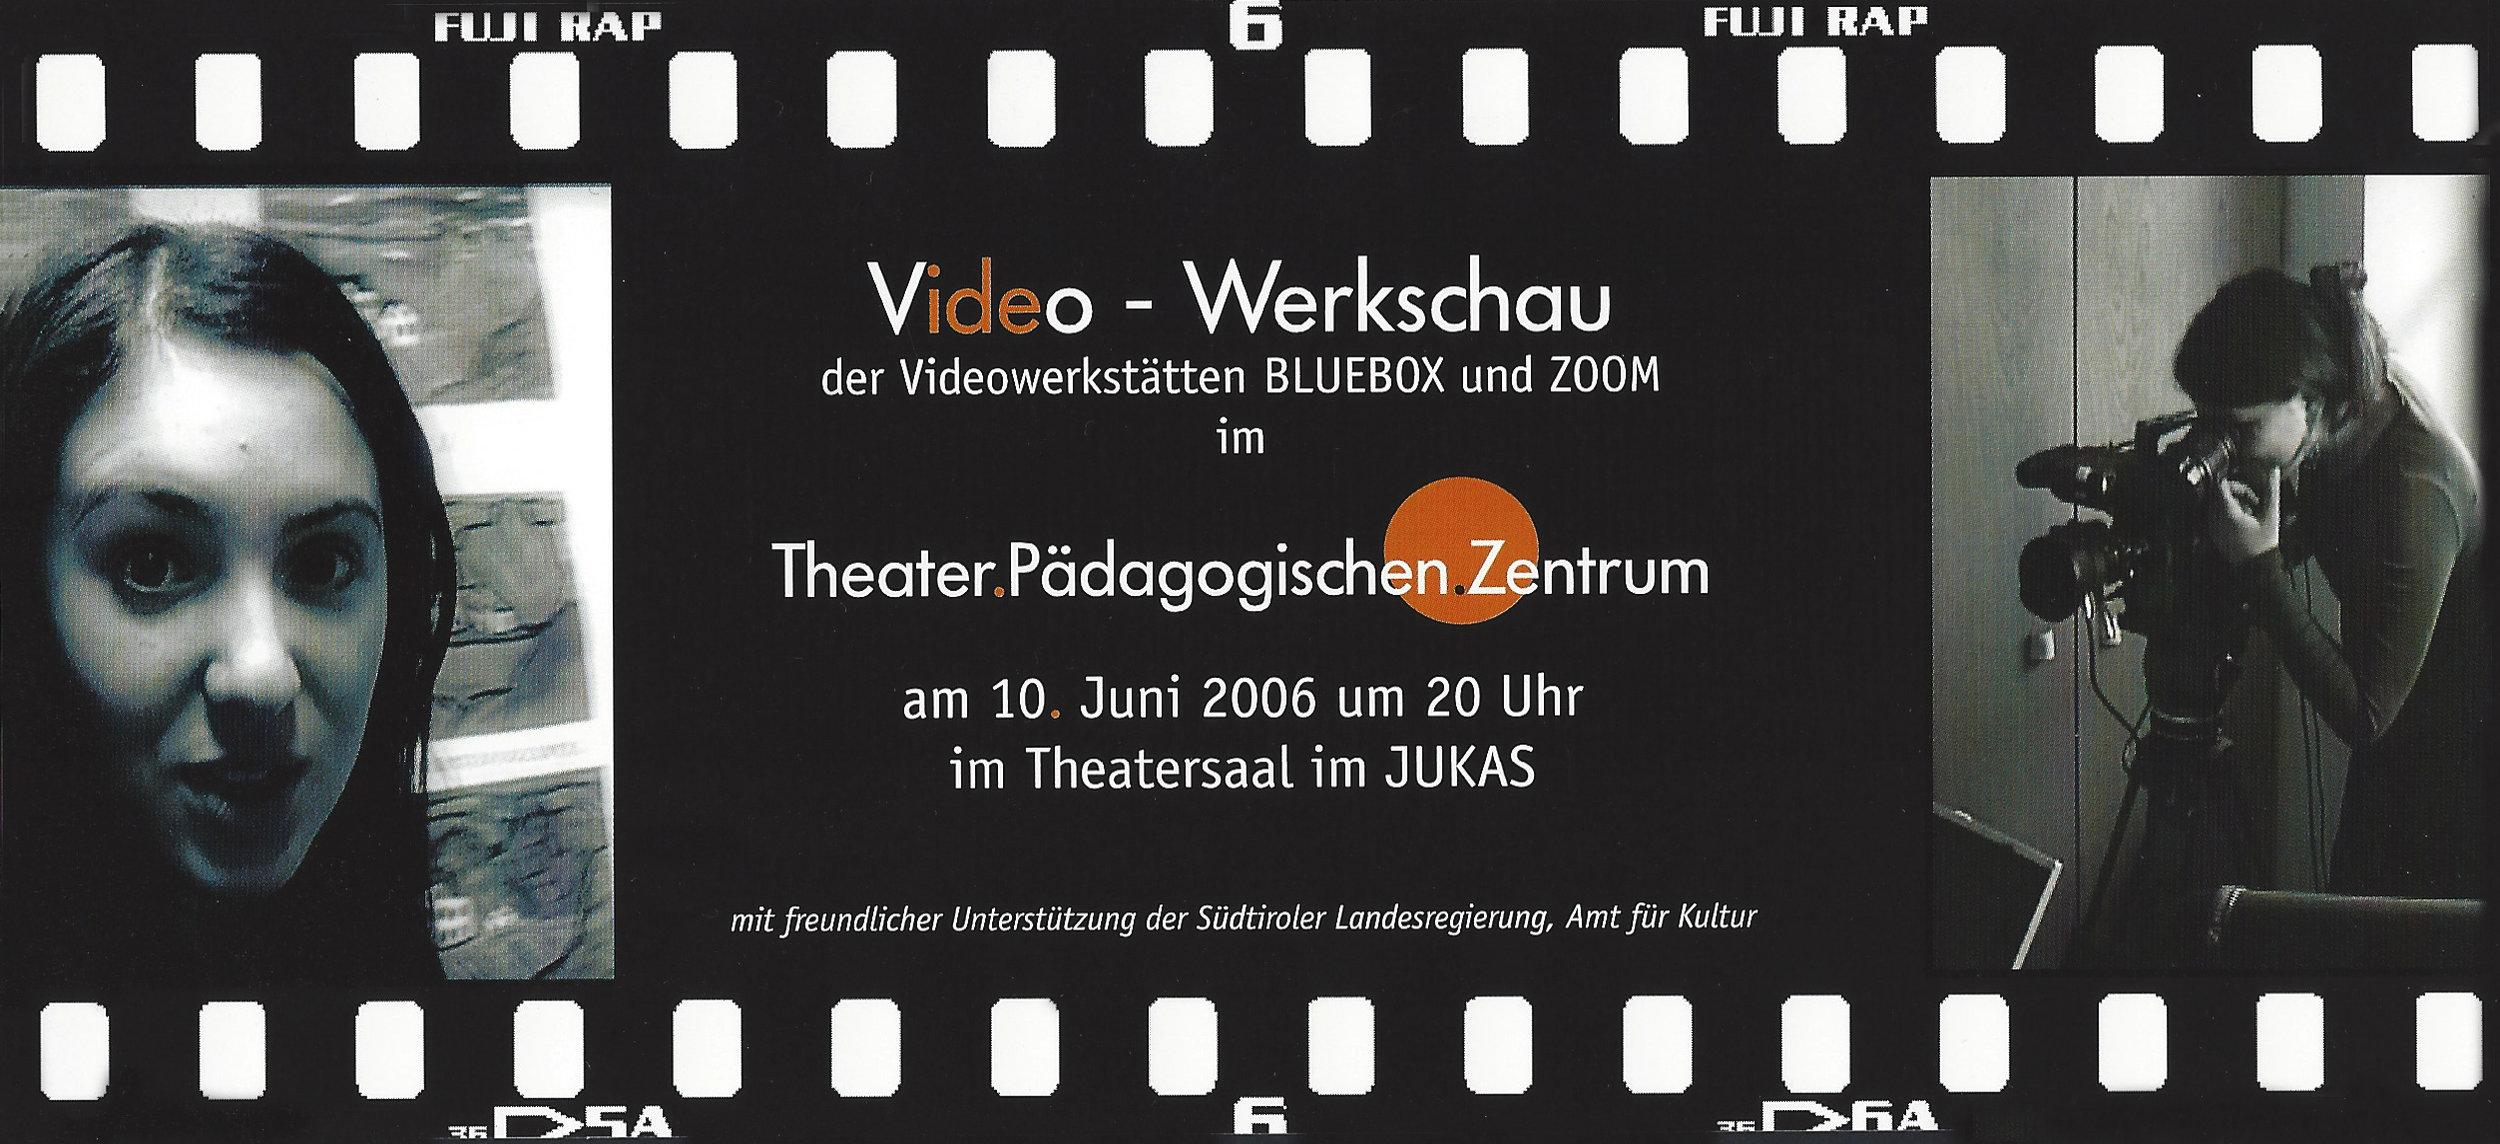 2006 Bluebox und Zoom Plakat.jpg